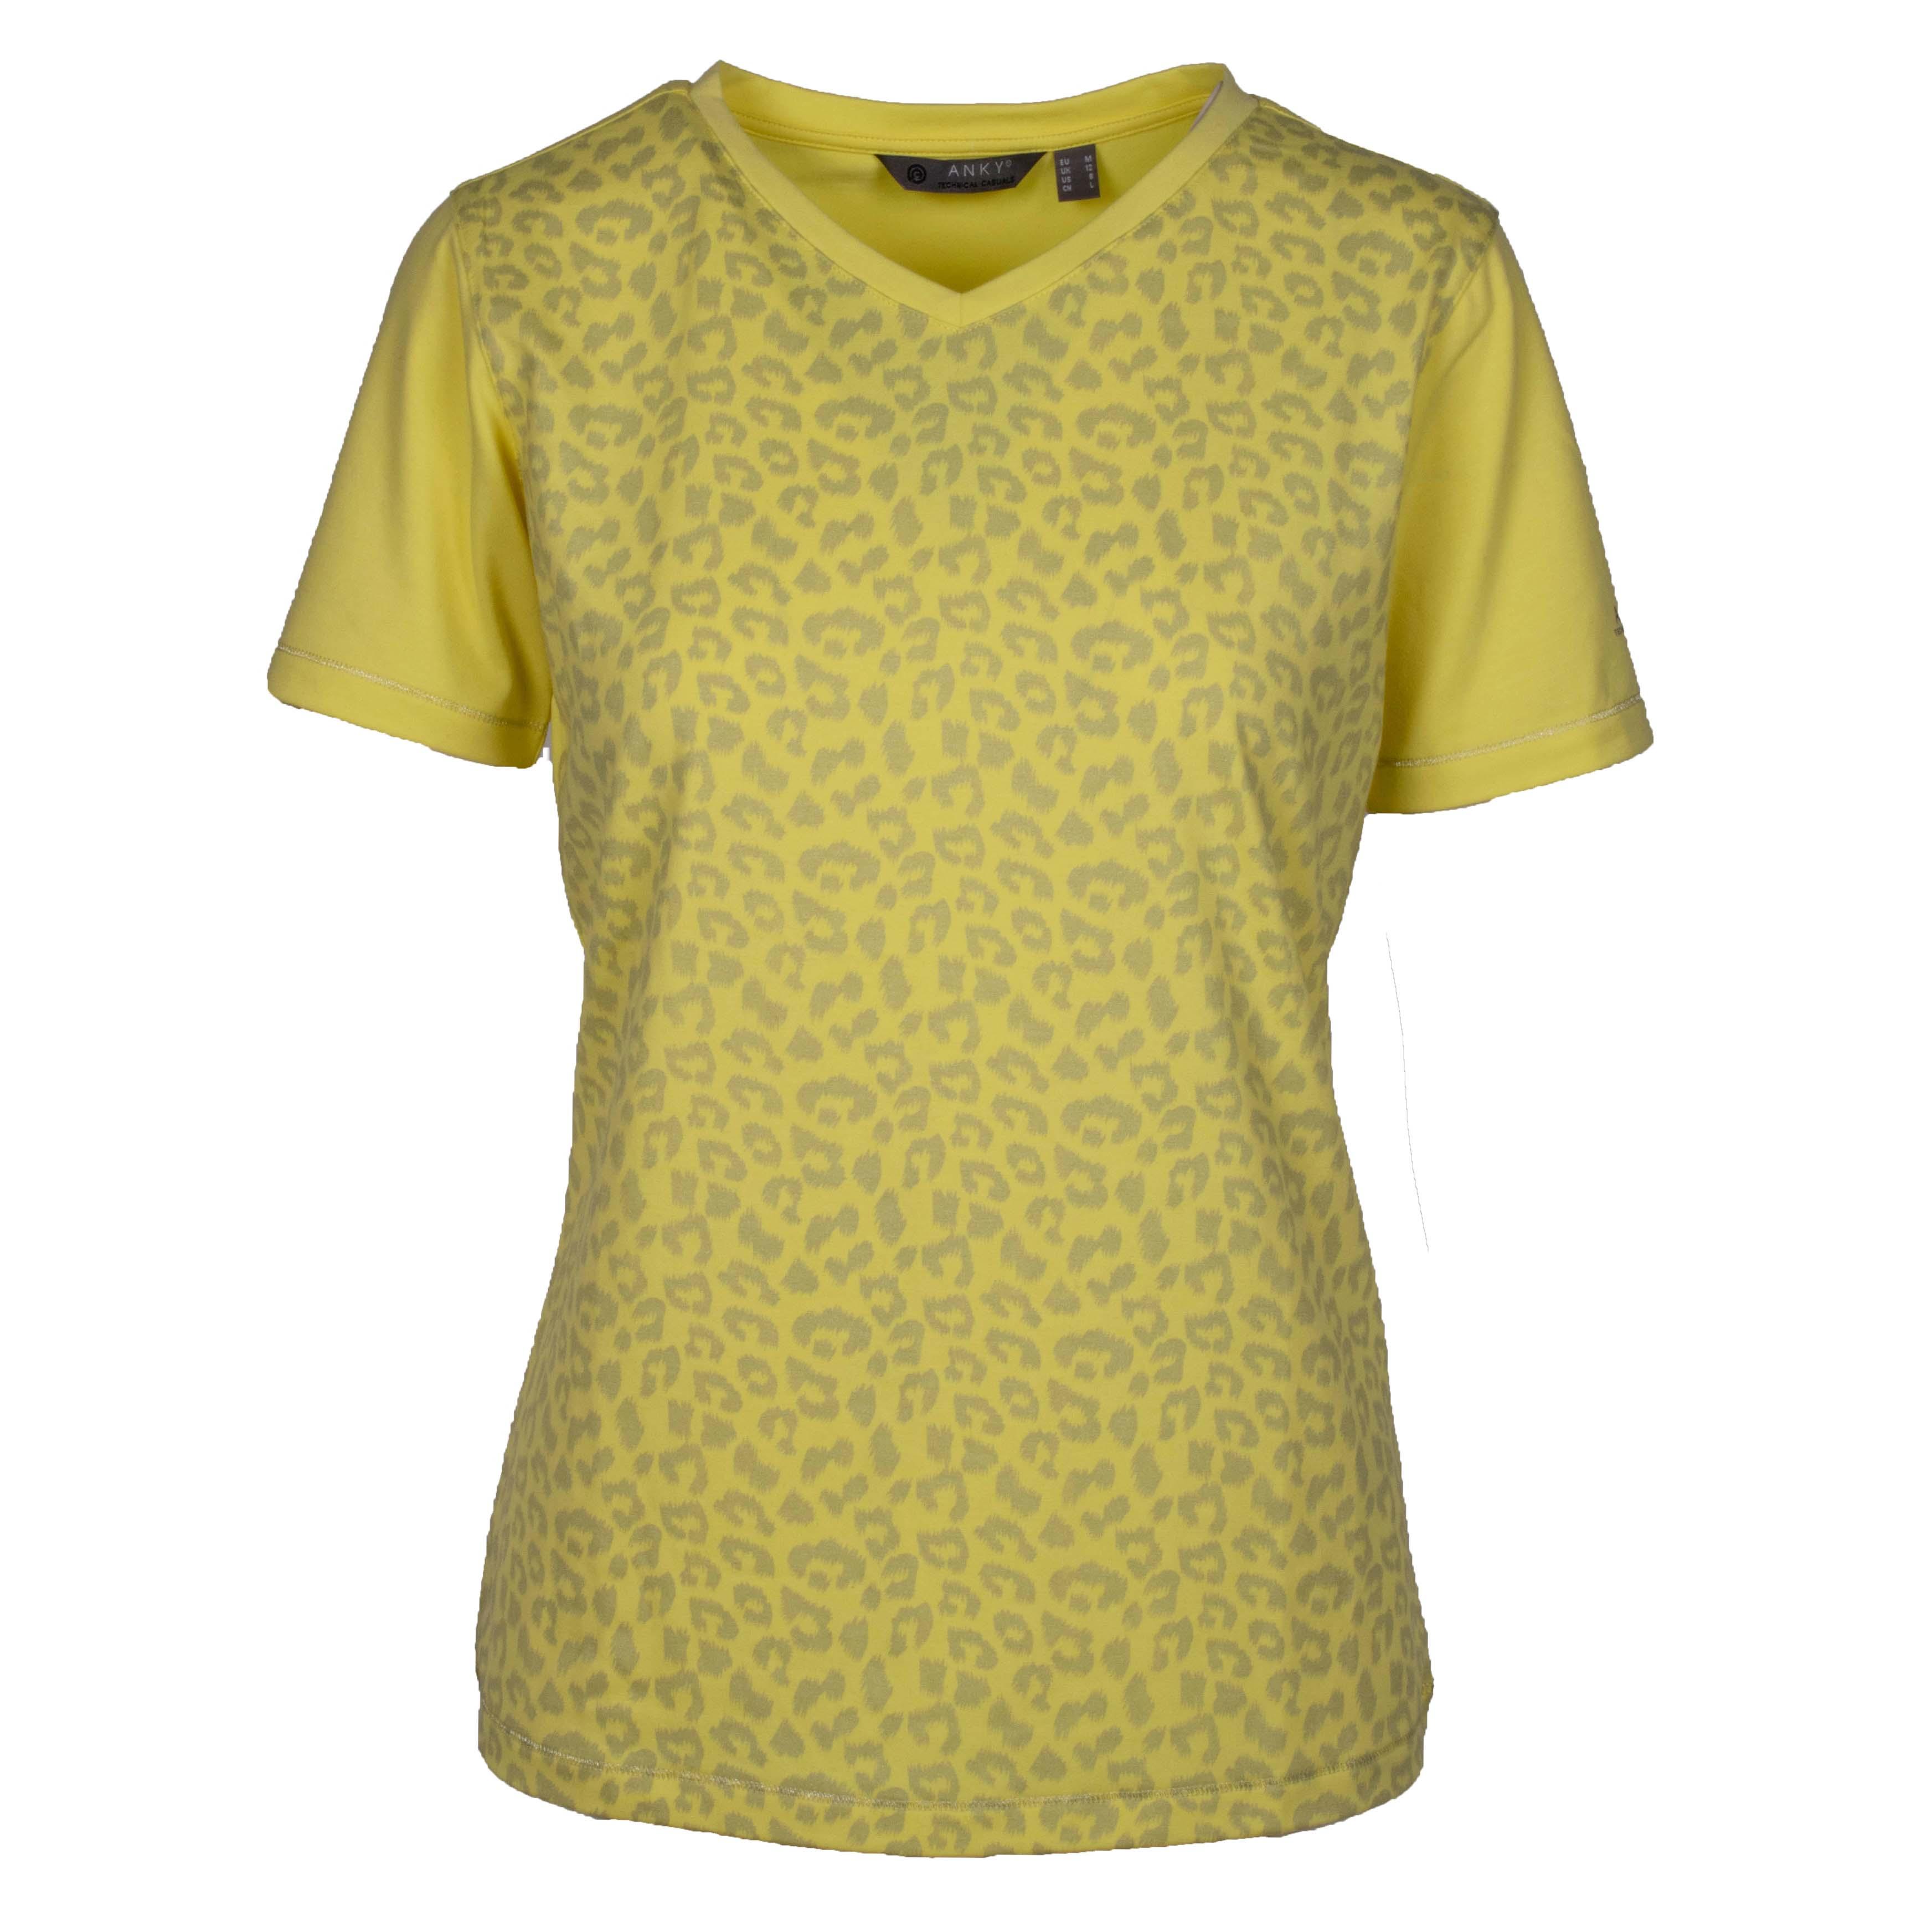 ANKY T-Shirt Printed ATC211301 geel maat:l